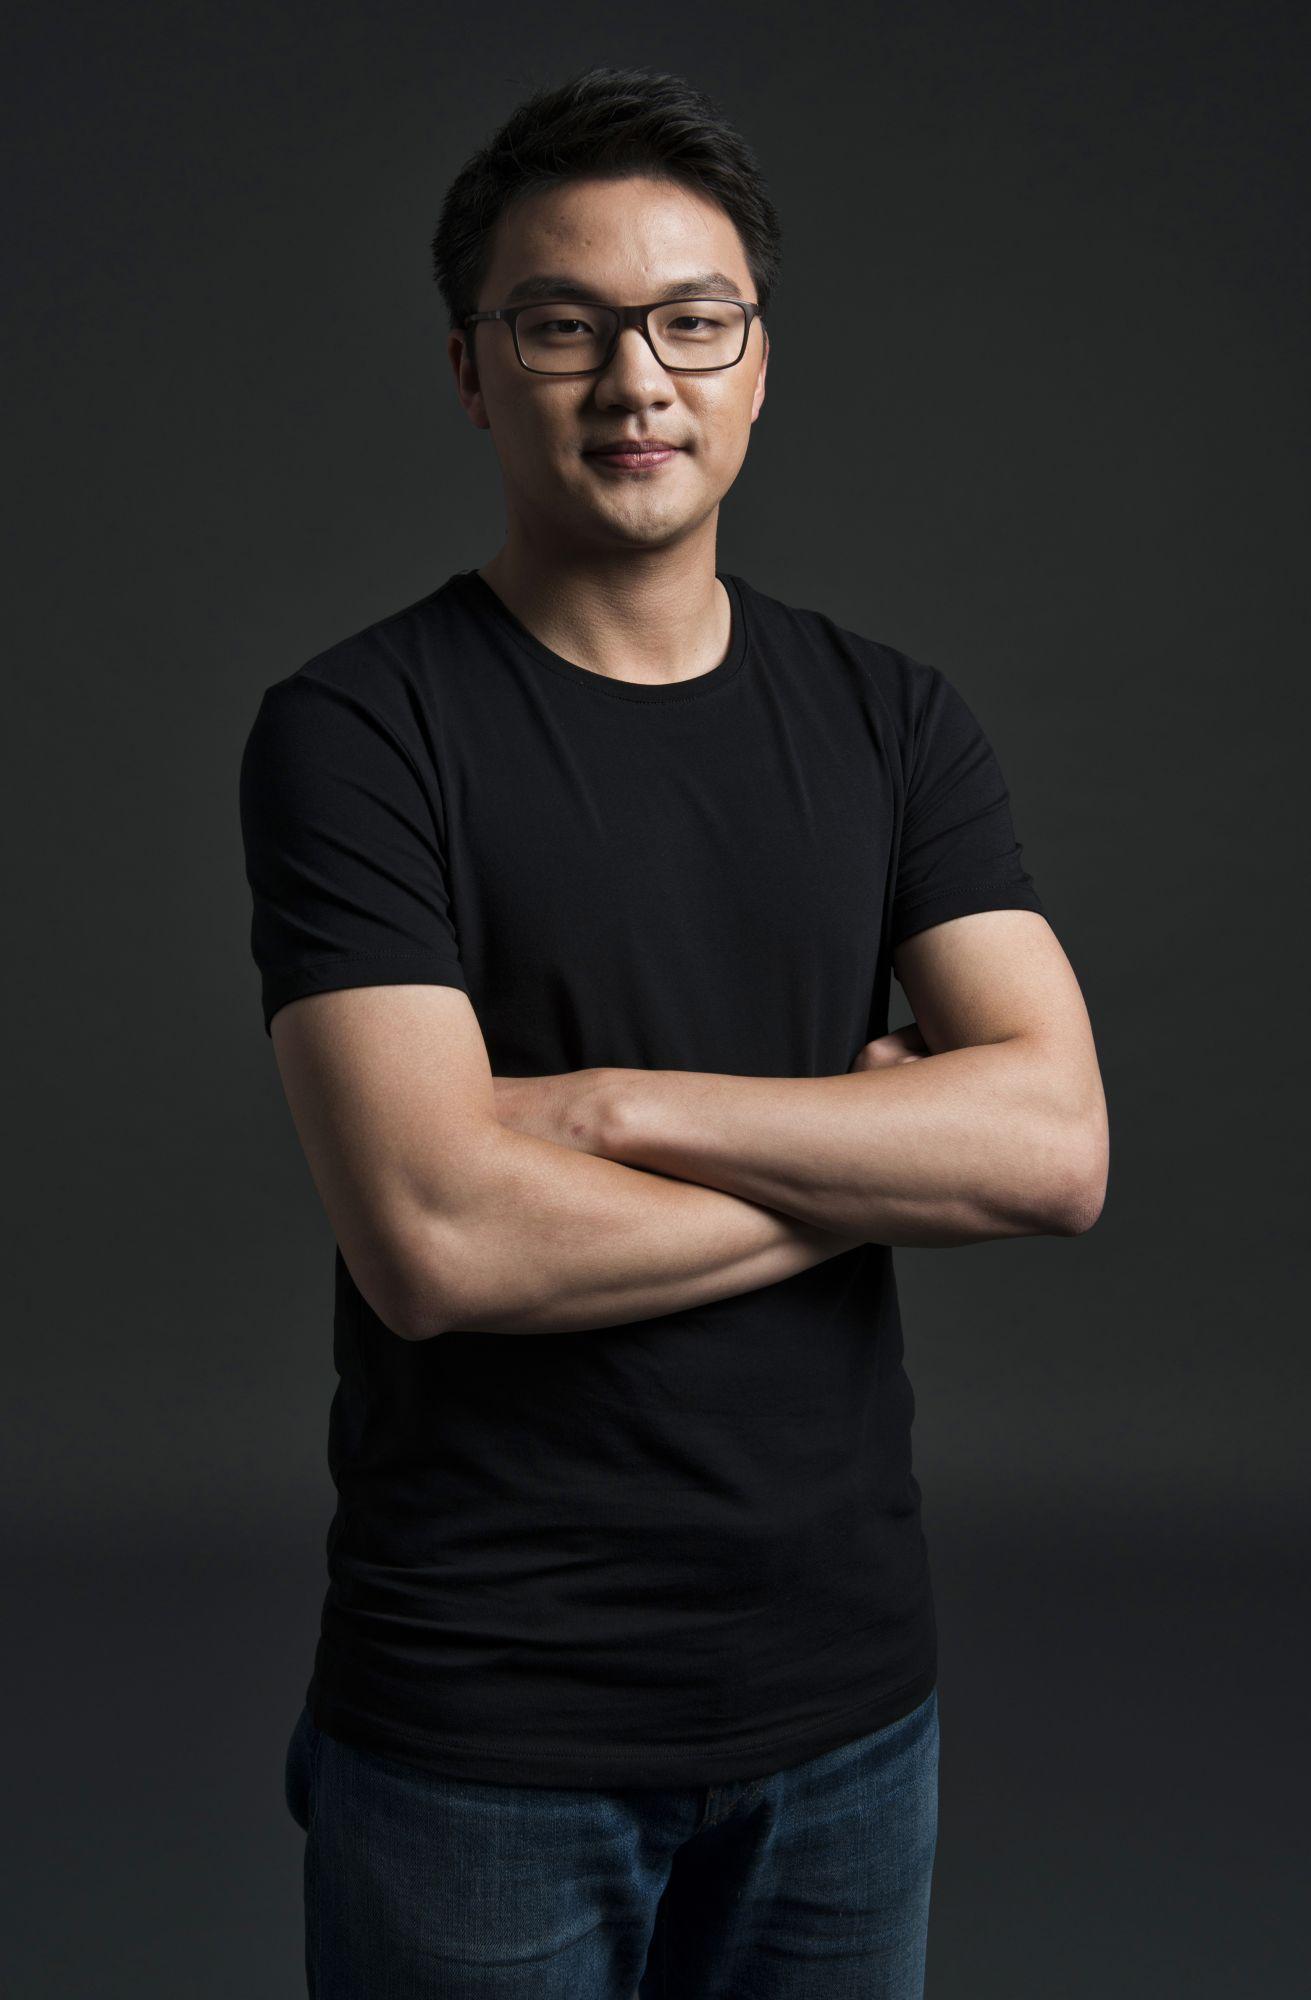 Kuang He